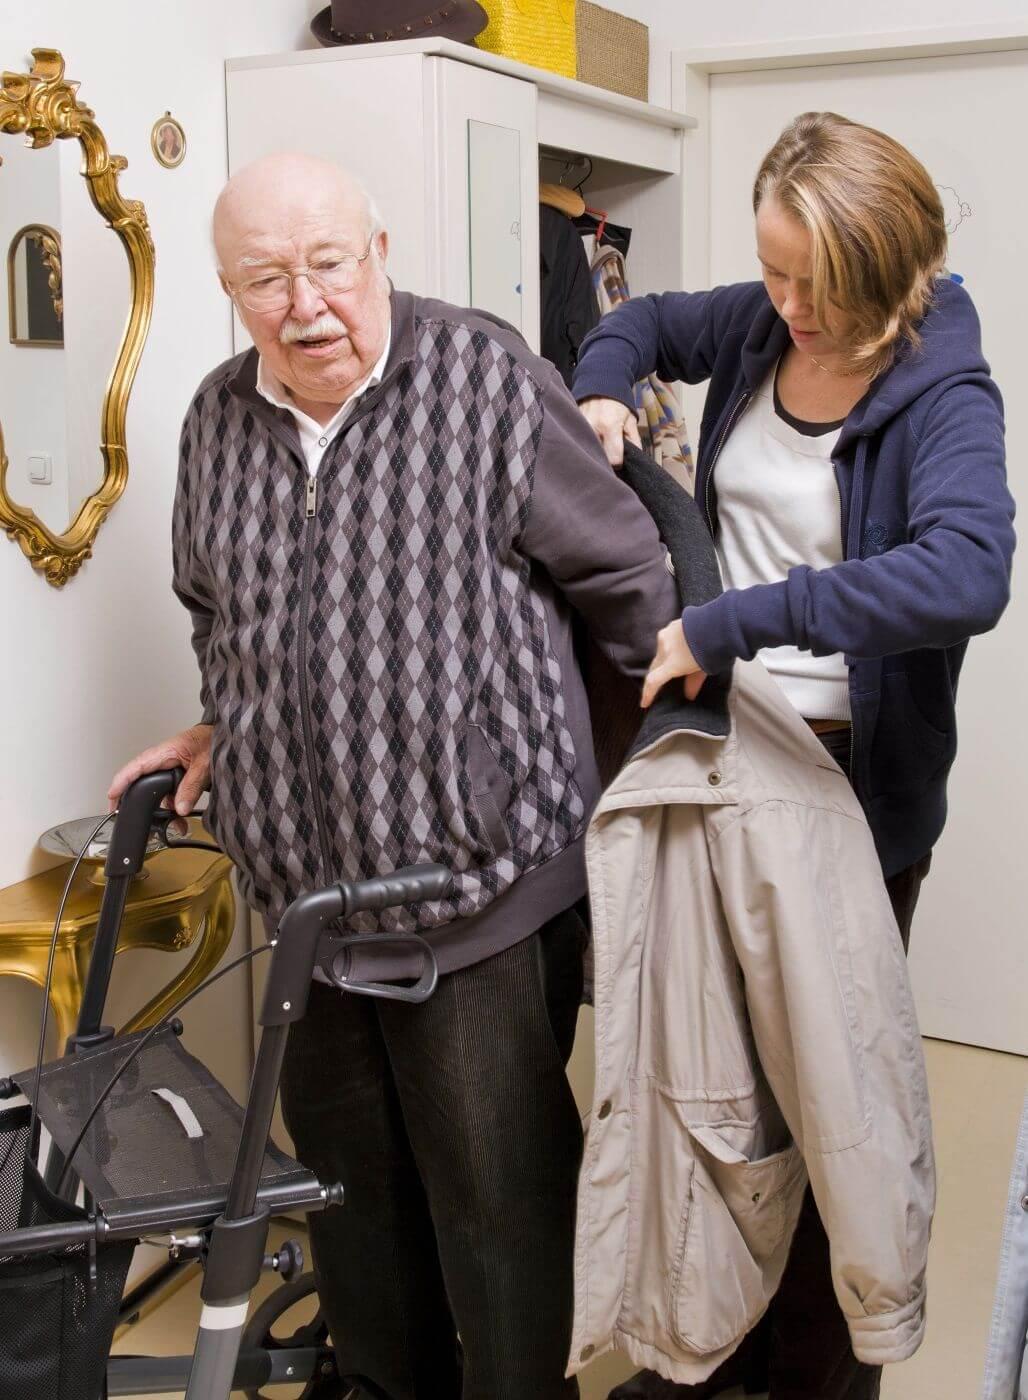 Pflegerin hilft älteren Herren in den Mantel. Foto: Stefan Ernst.